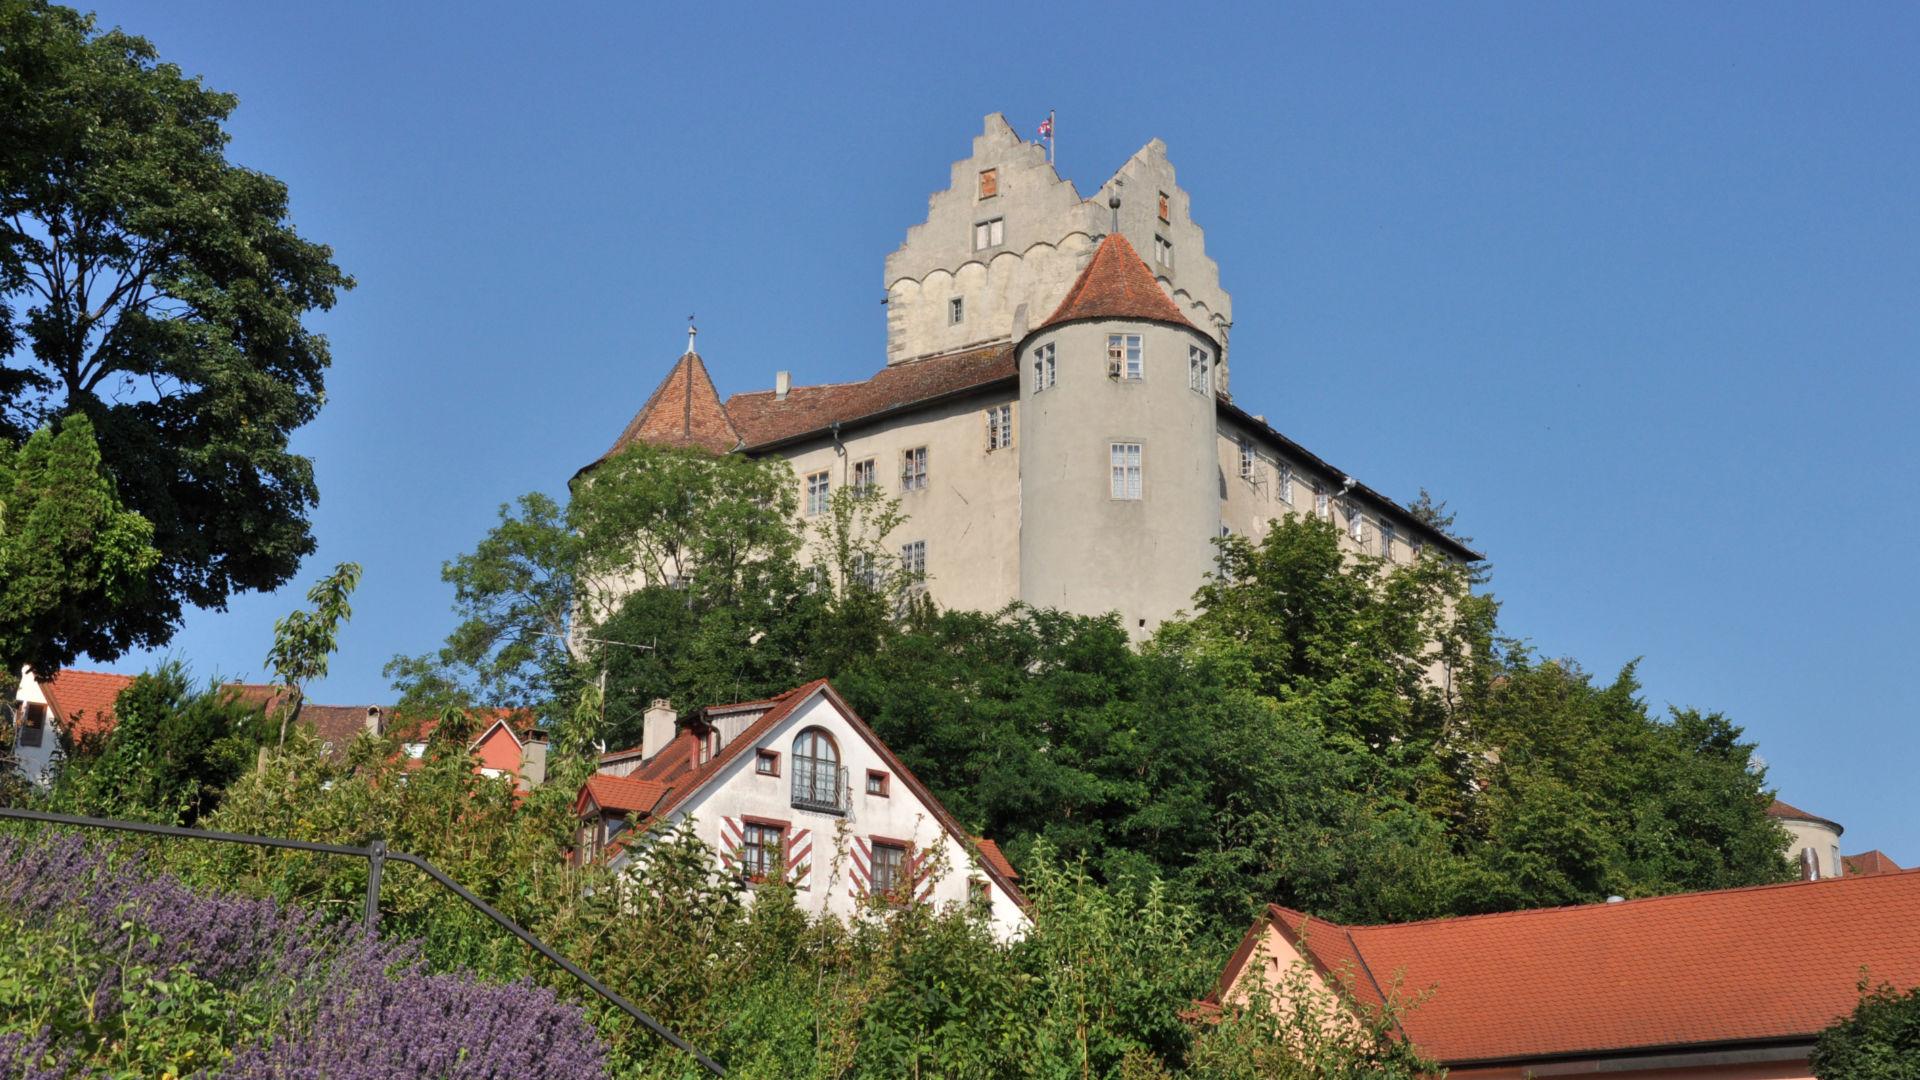 Blick auf die Meersburg am Bodensee